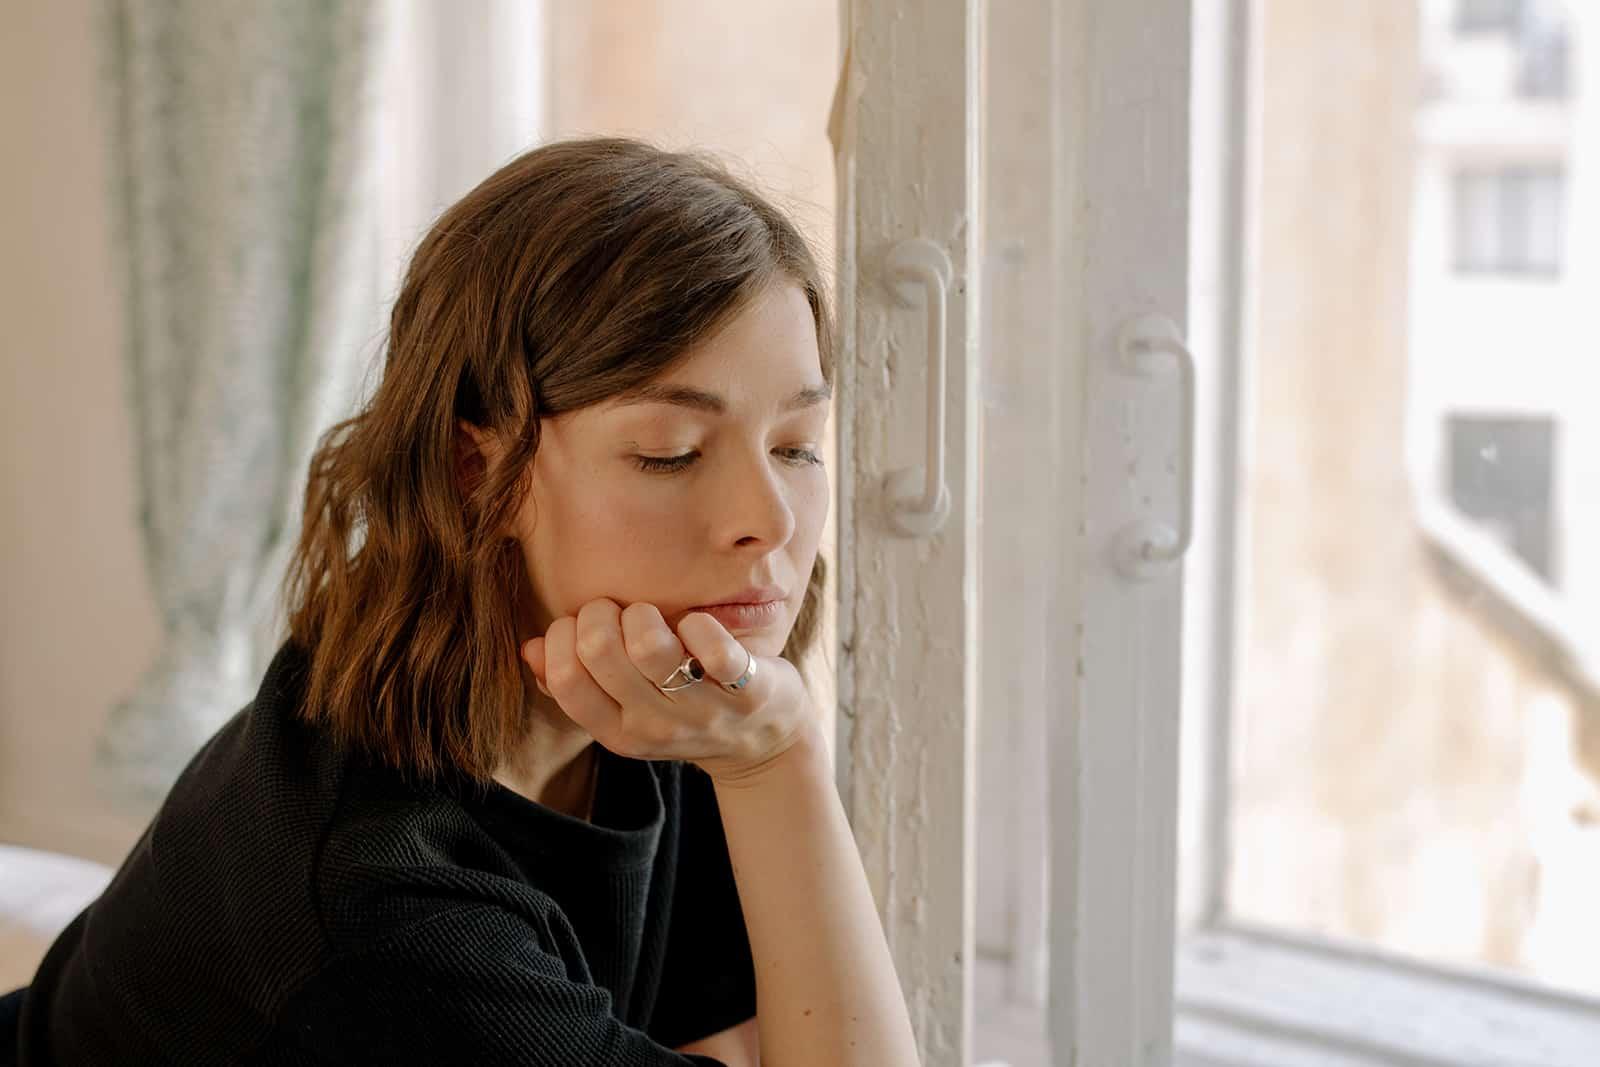 traurige Frau, die sich auf die Fensterbank stützt und sich enttäuscht fühlt